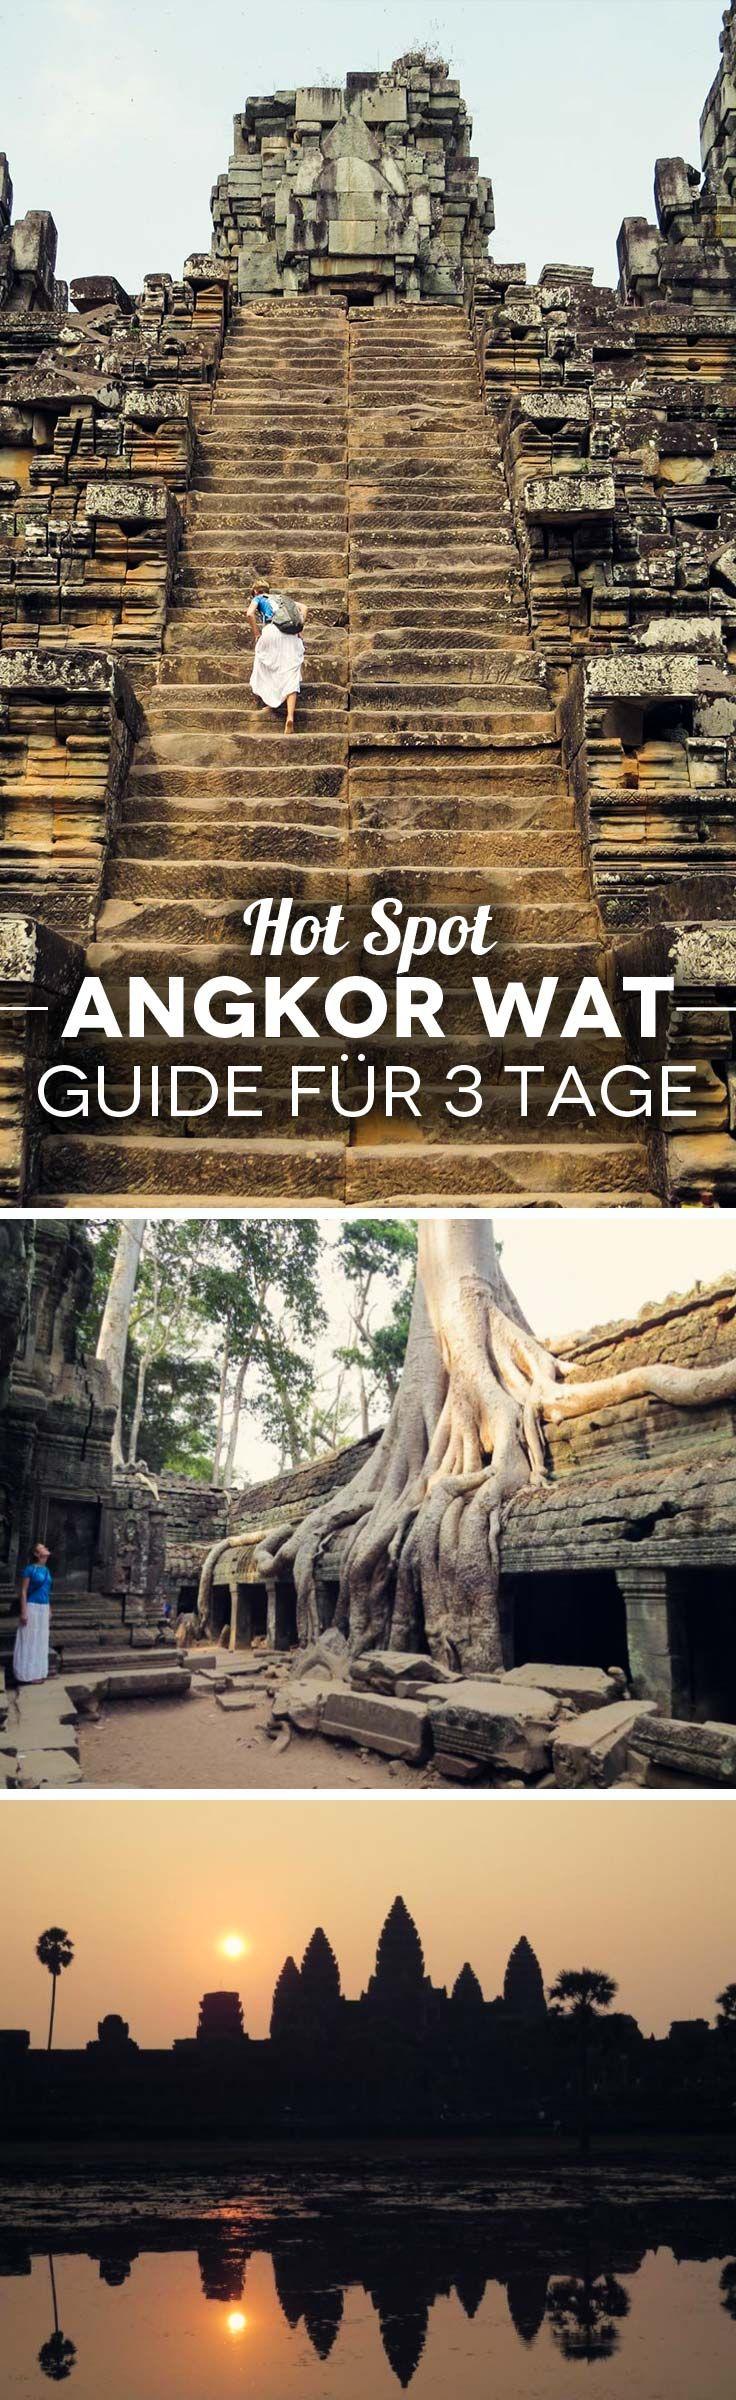 Angkor Wat Guide für 3 Tage: Wie du die Touristenmassen umgehst + Tipps, Highlights & Restaurants Siem Reap